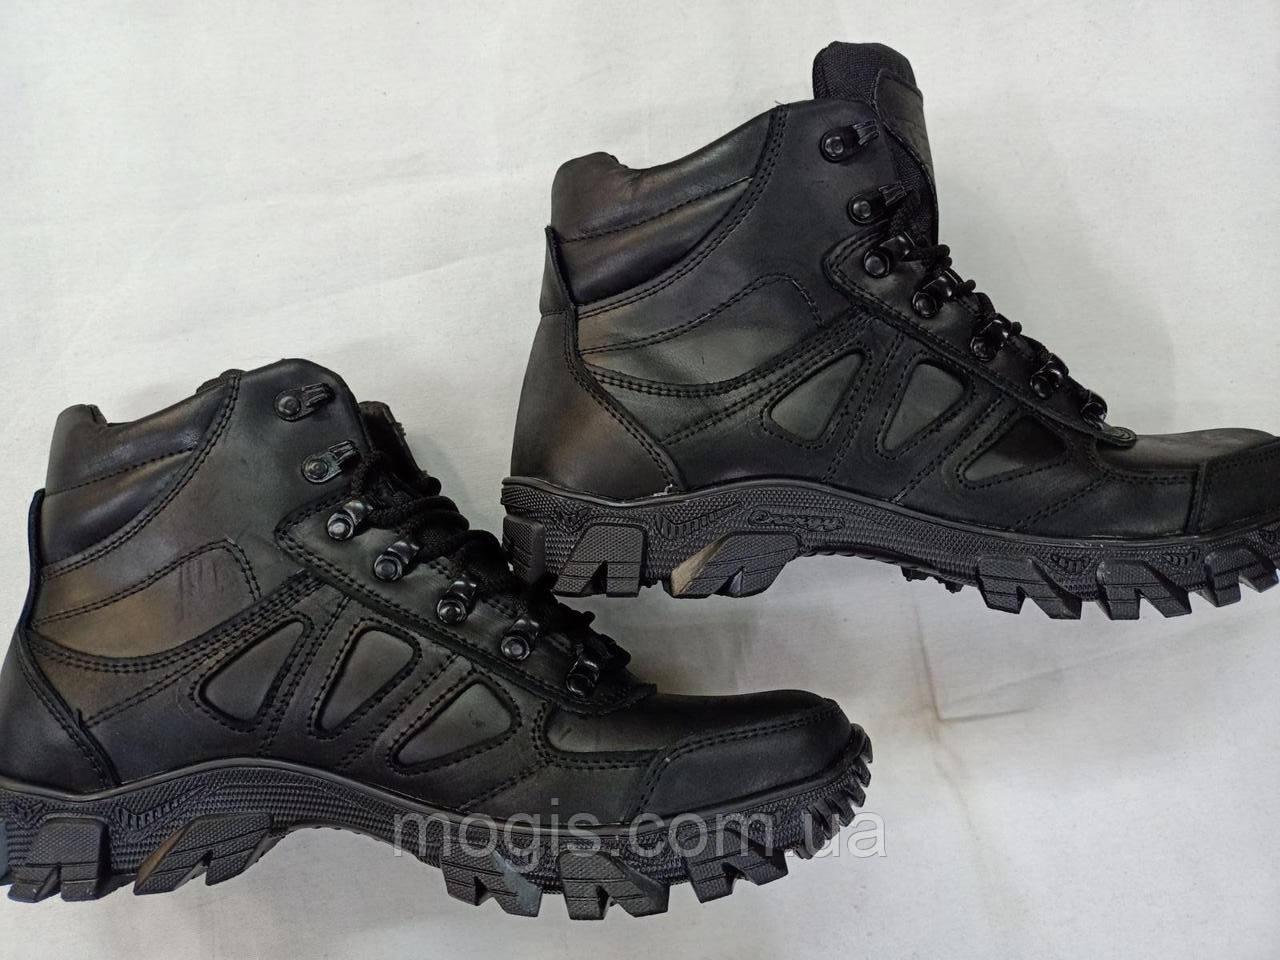 Ботинки тактические Теда 21 черные (со вставками )